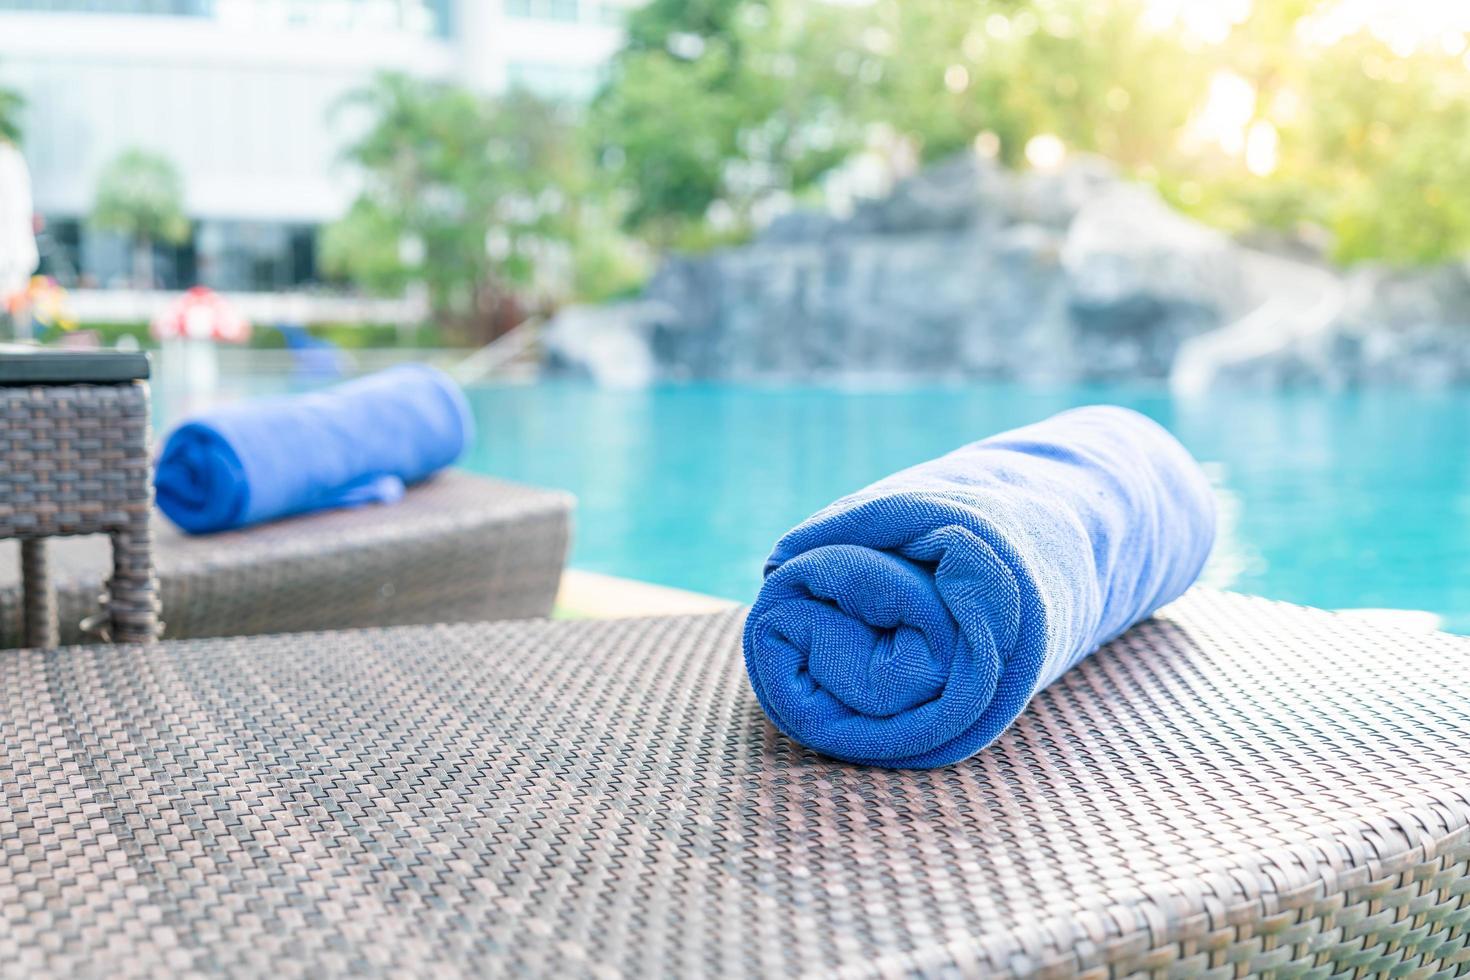 närbild handduk på en strandstol - resor och semester koncept foto